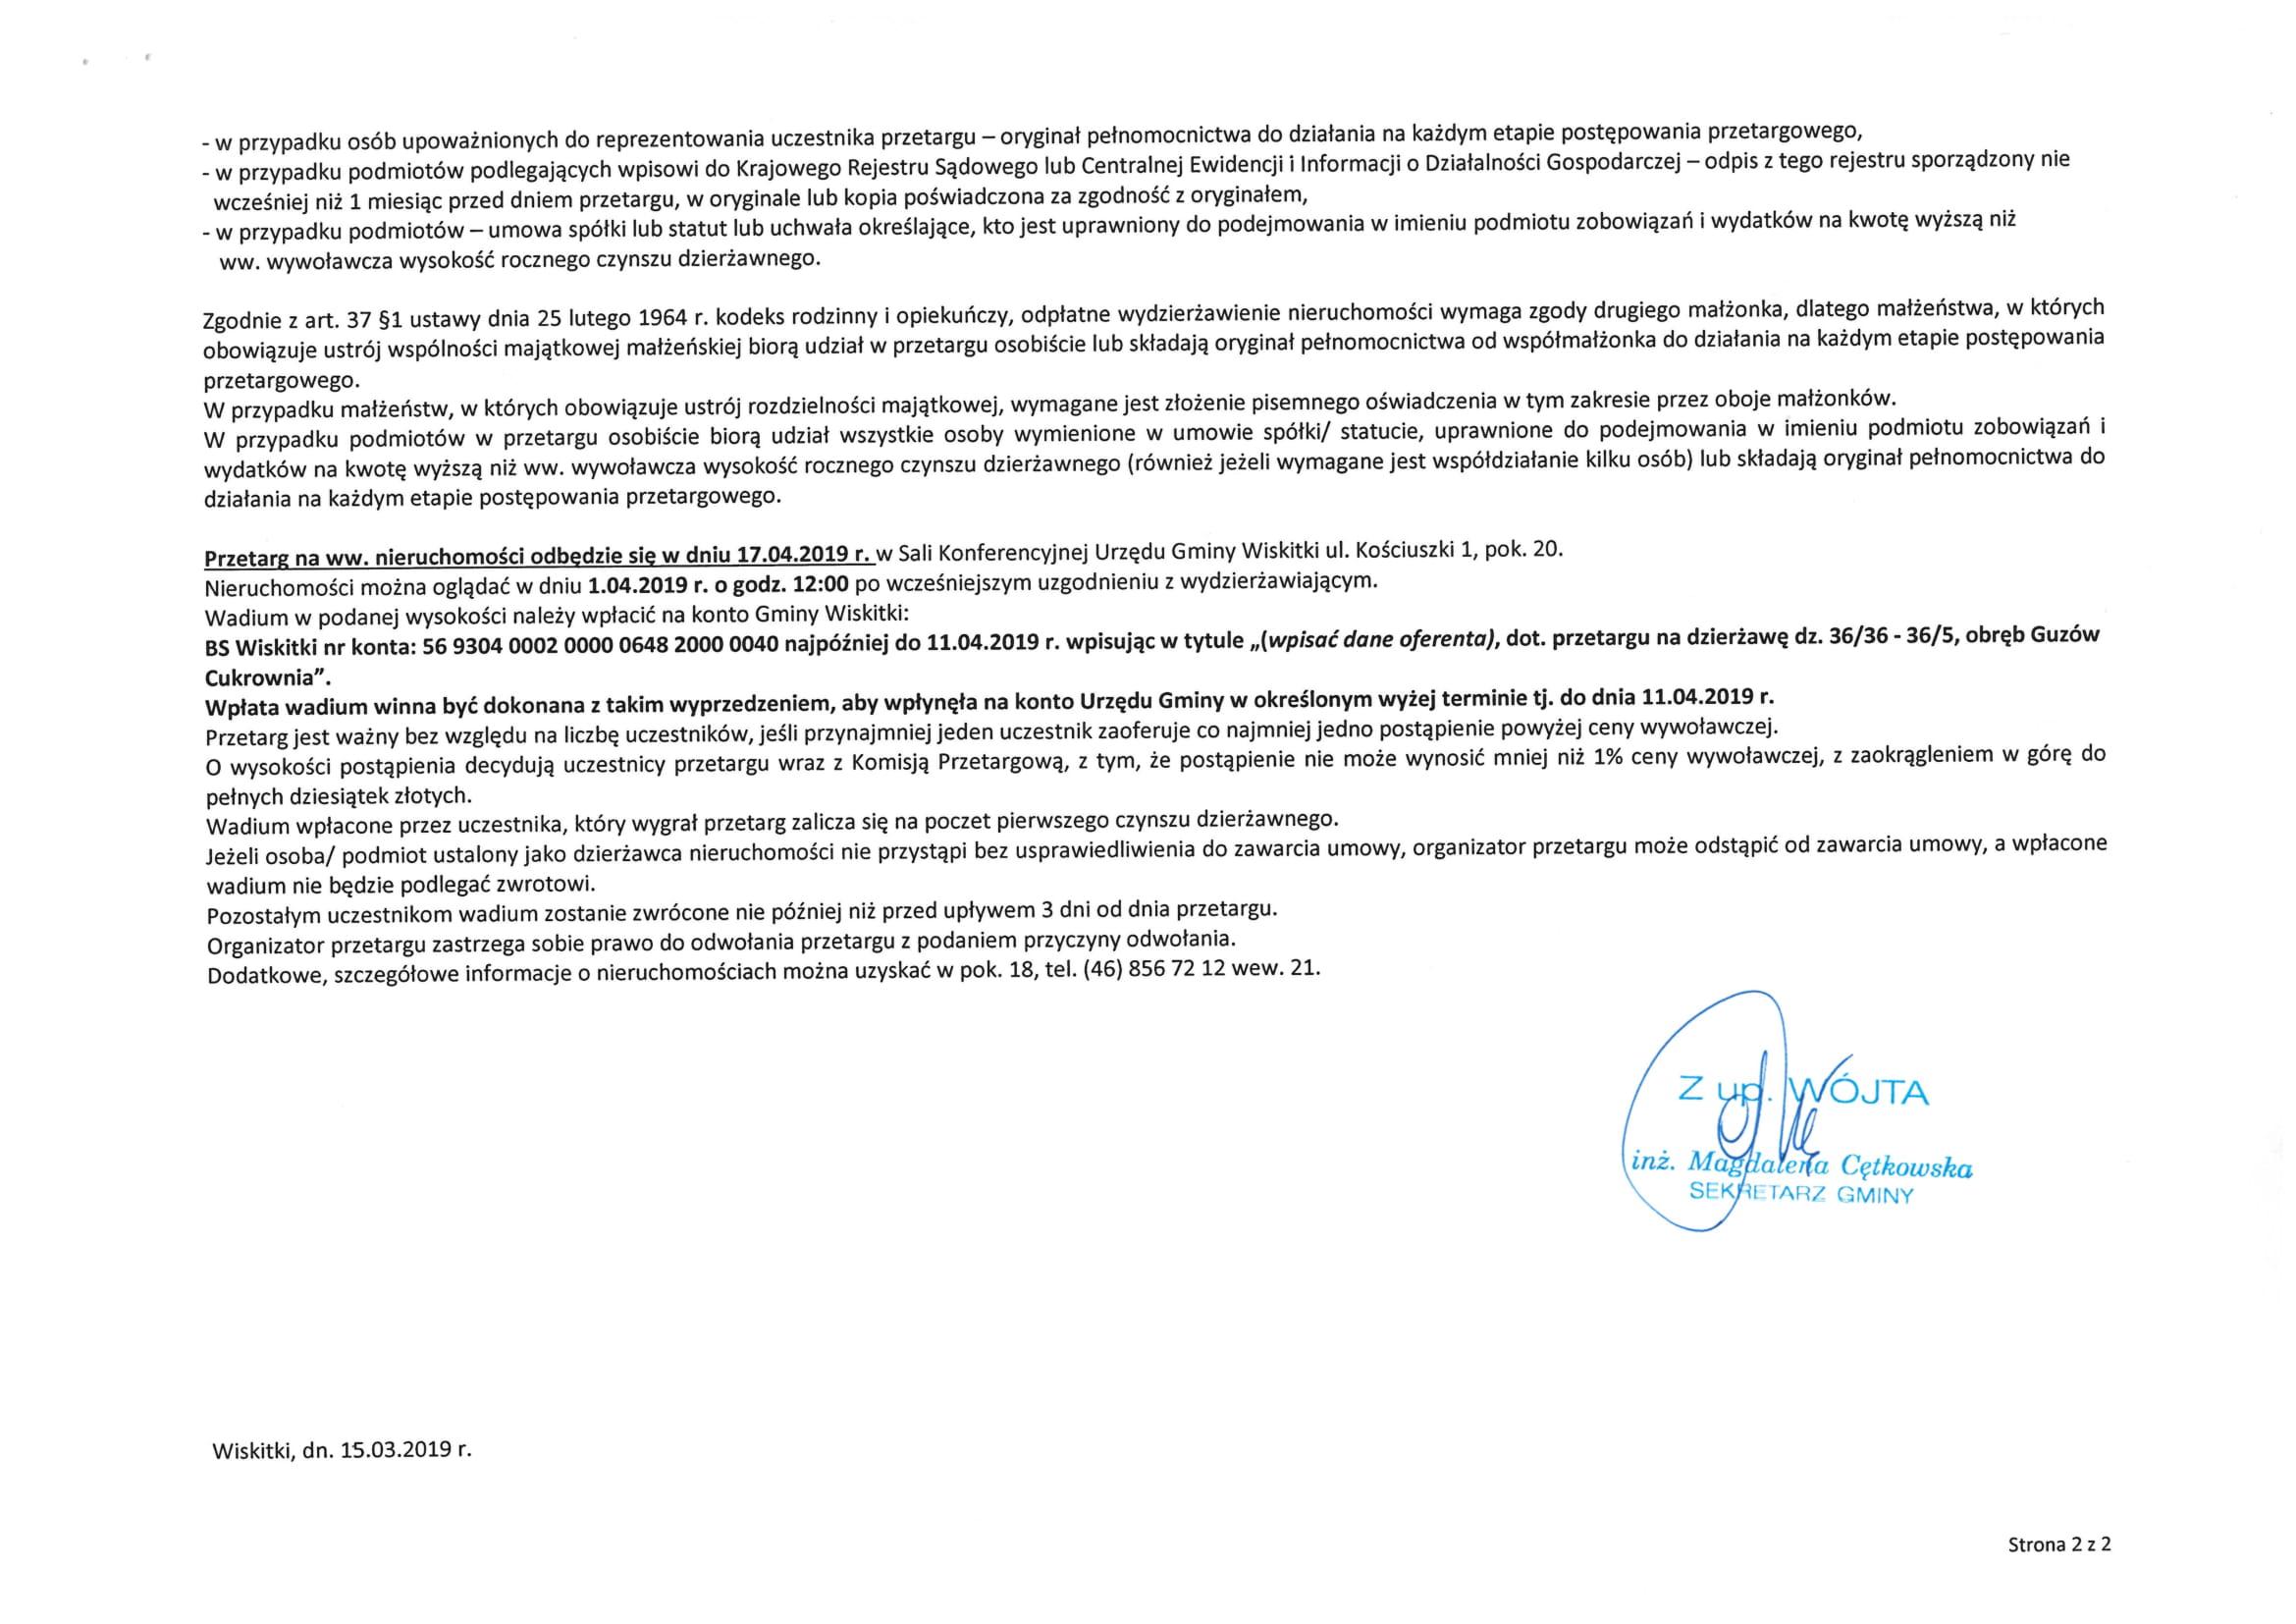 I przetarg dzierżawa dz. 36_35-36_50 Guzów Cukrownia-2